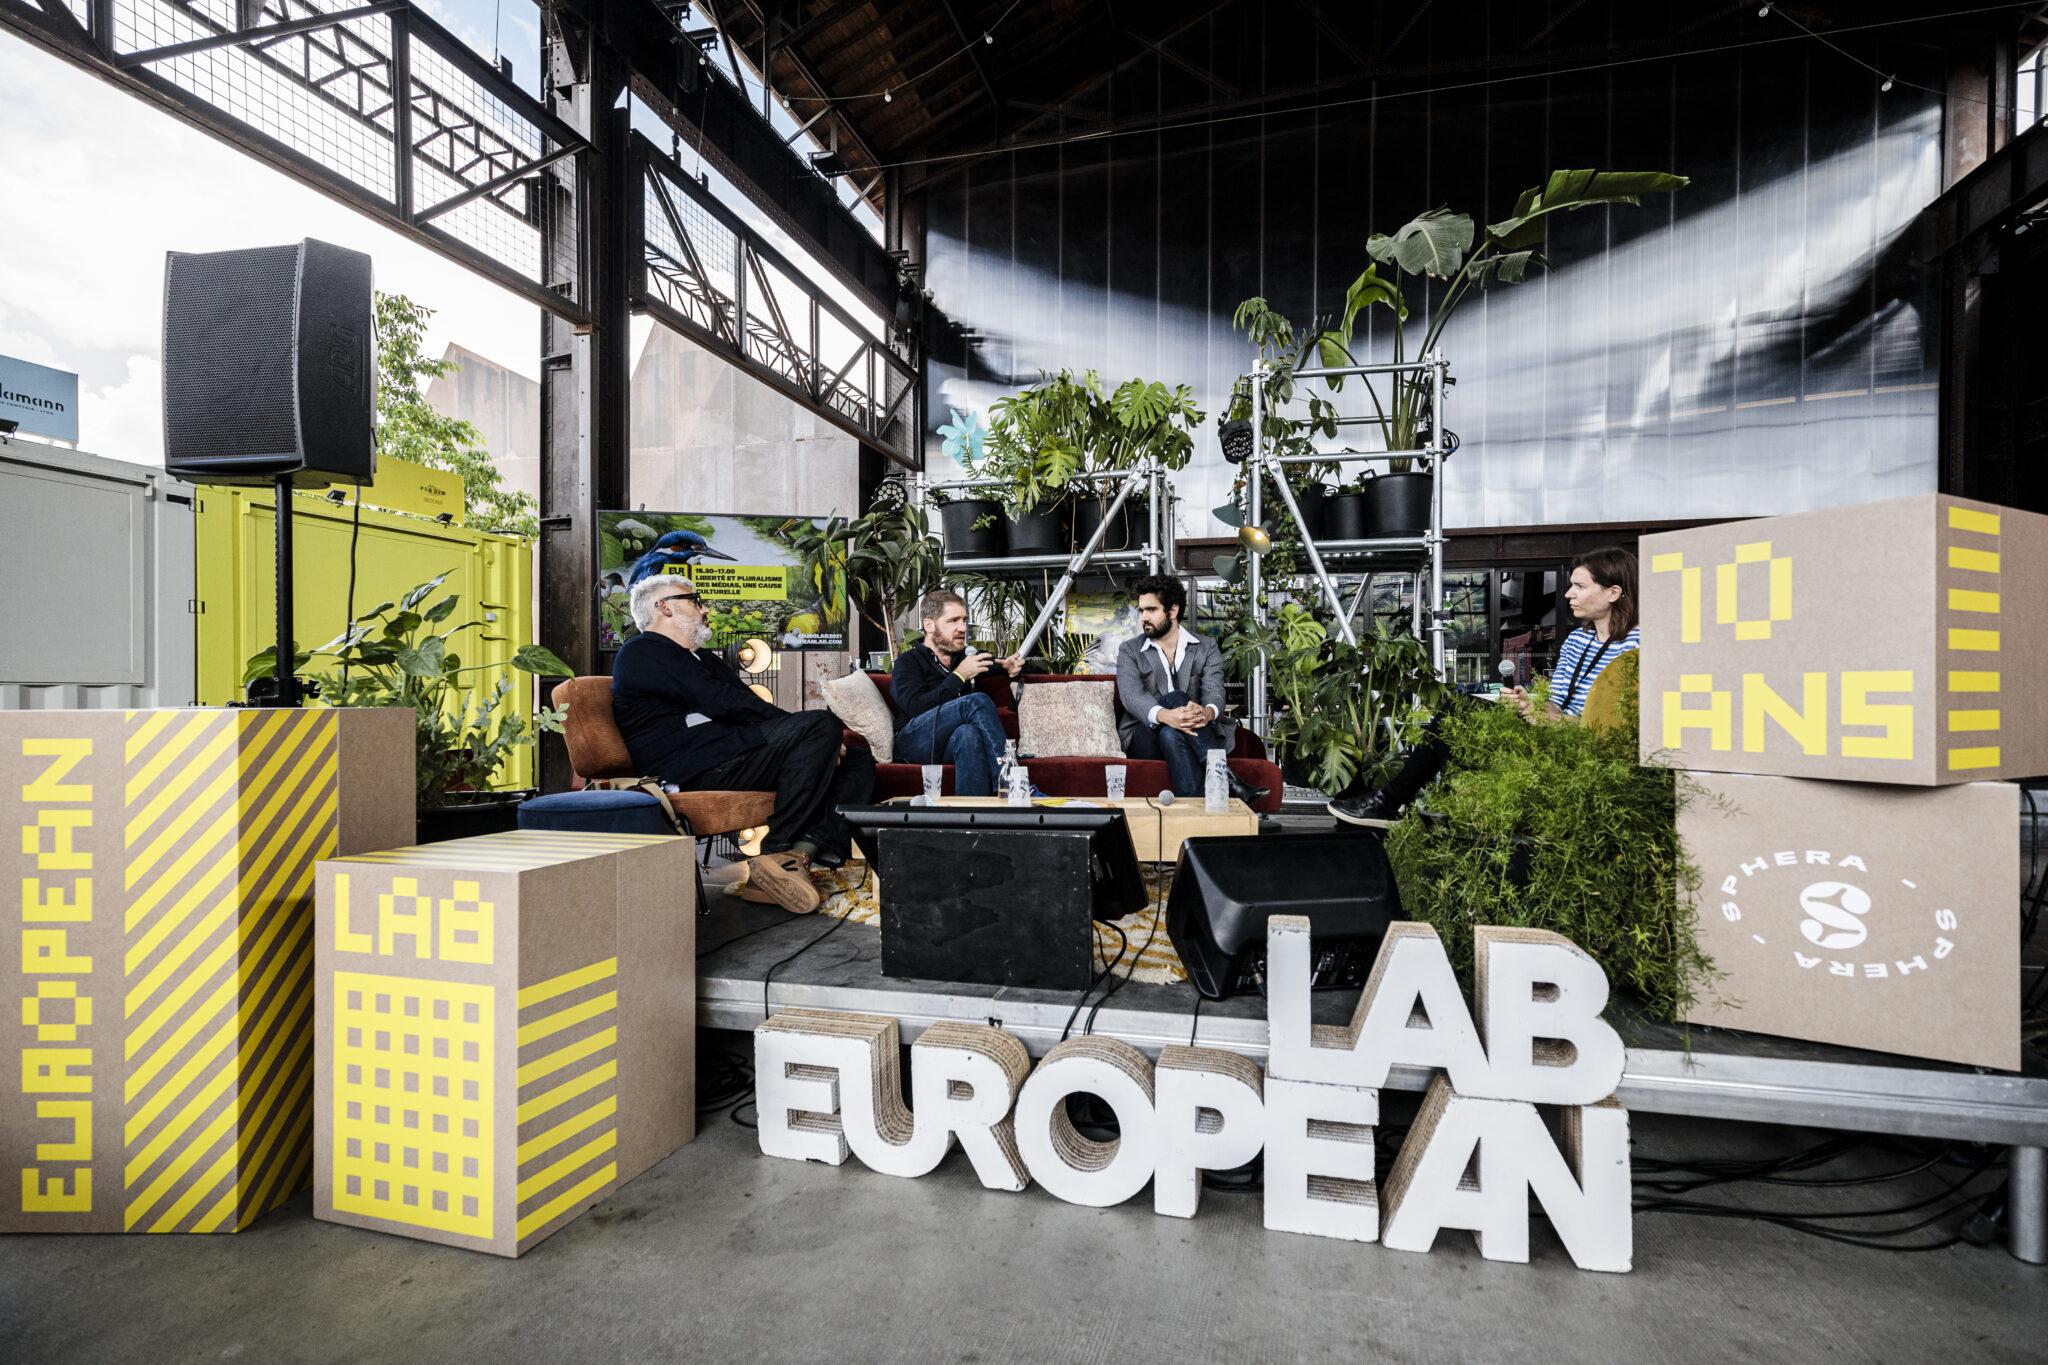 European Lab @ We are Europe